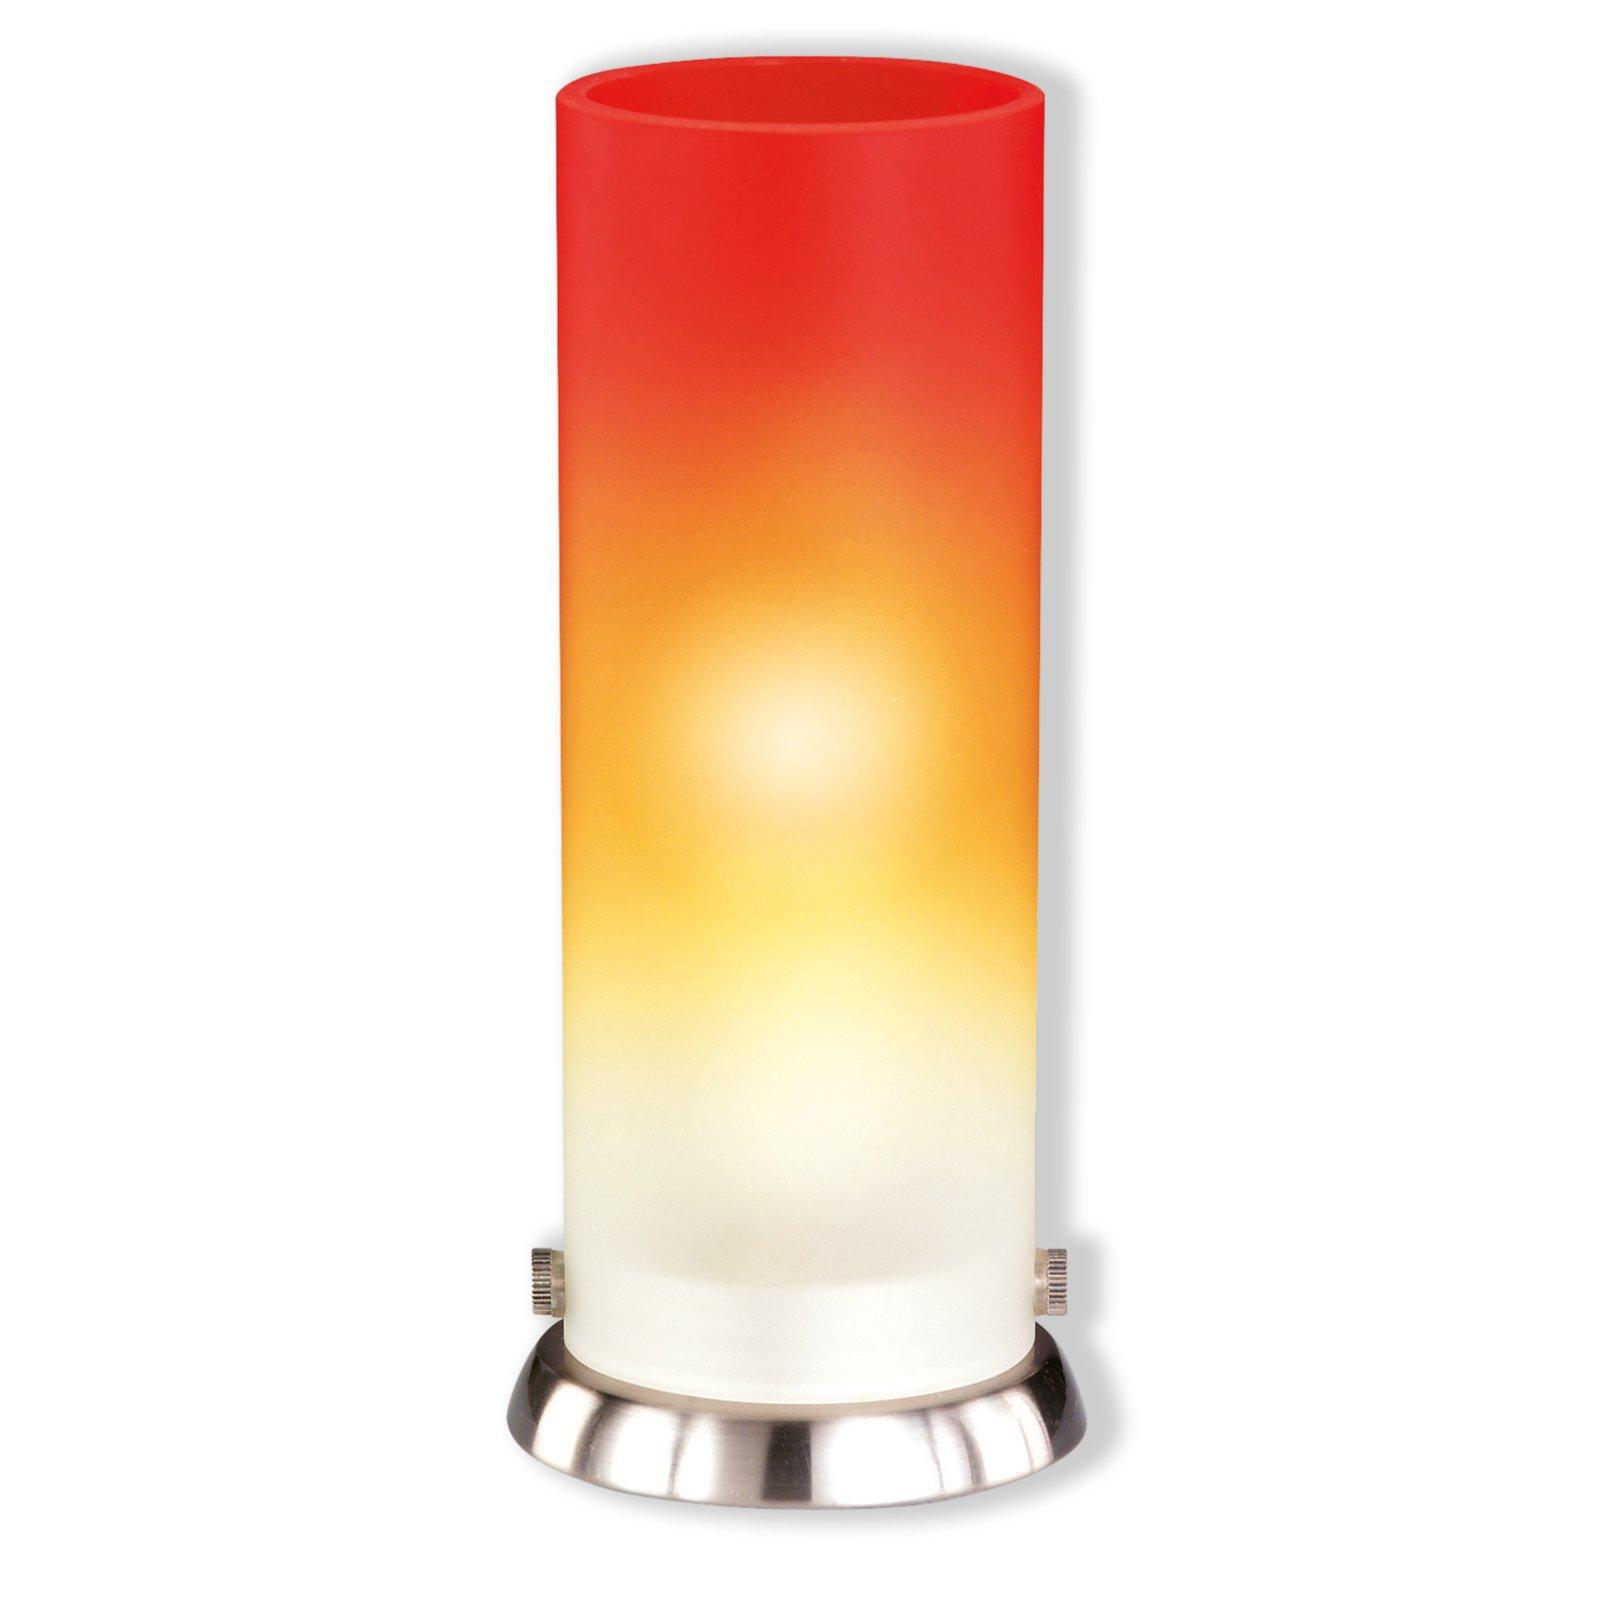 tischlampe pipe glas orange tischlampen lampen m belhaus roller. Black Bedroom Furniture Sets. Home Design Ideas